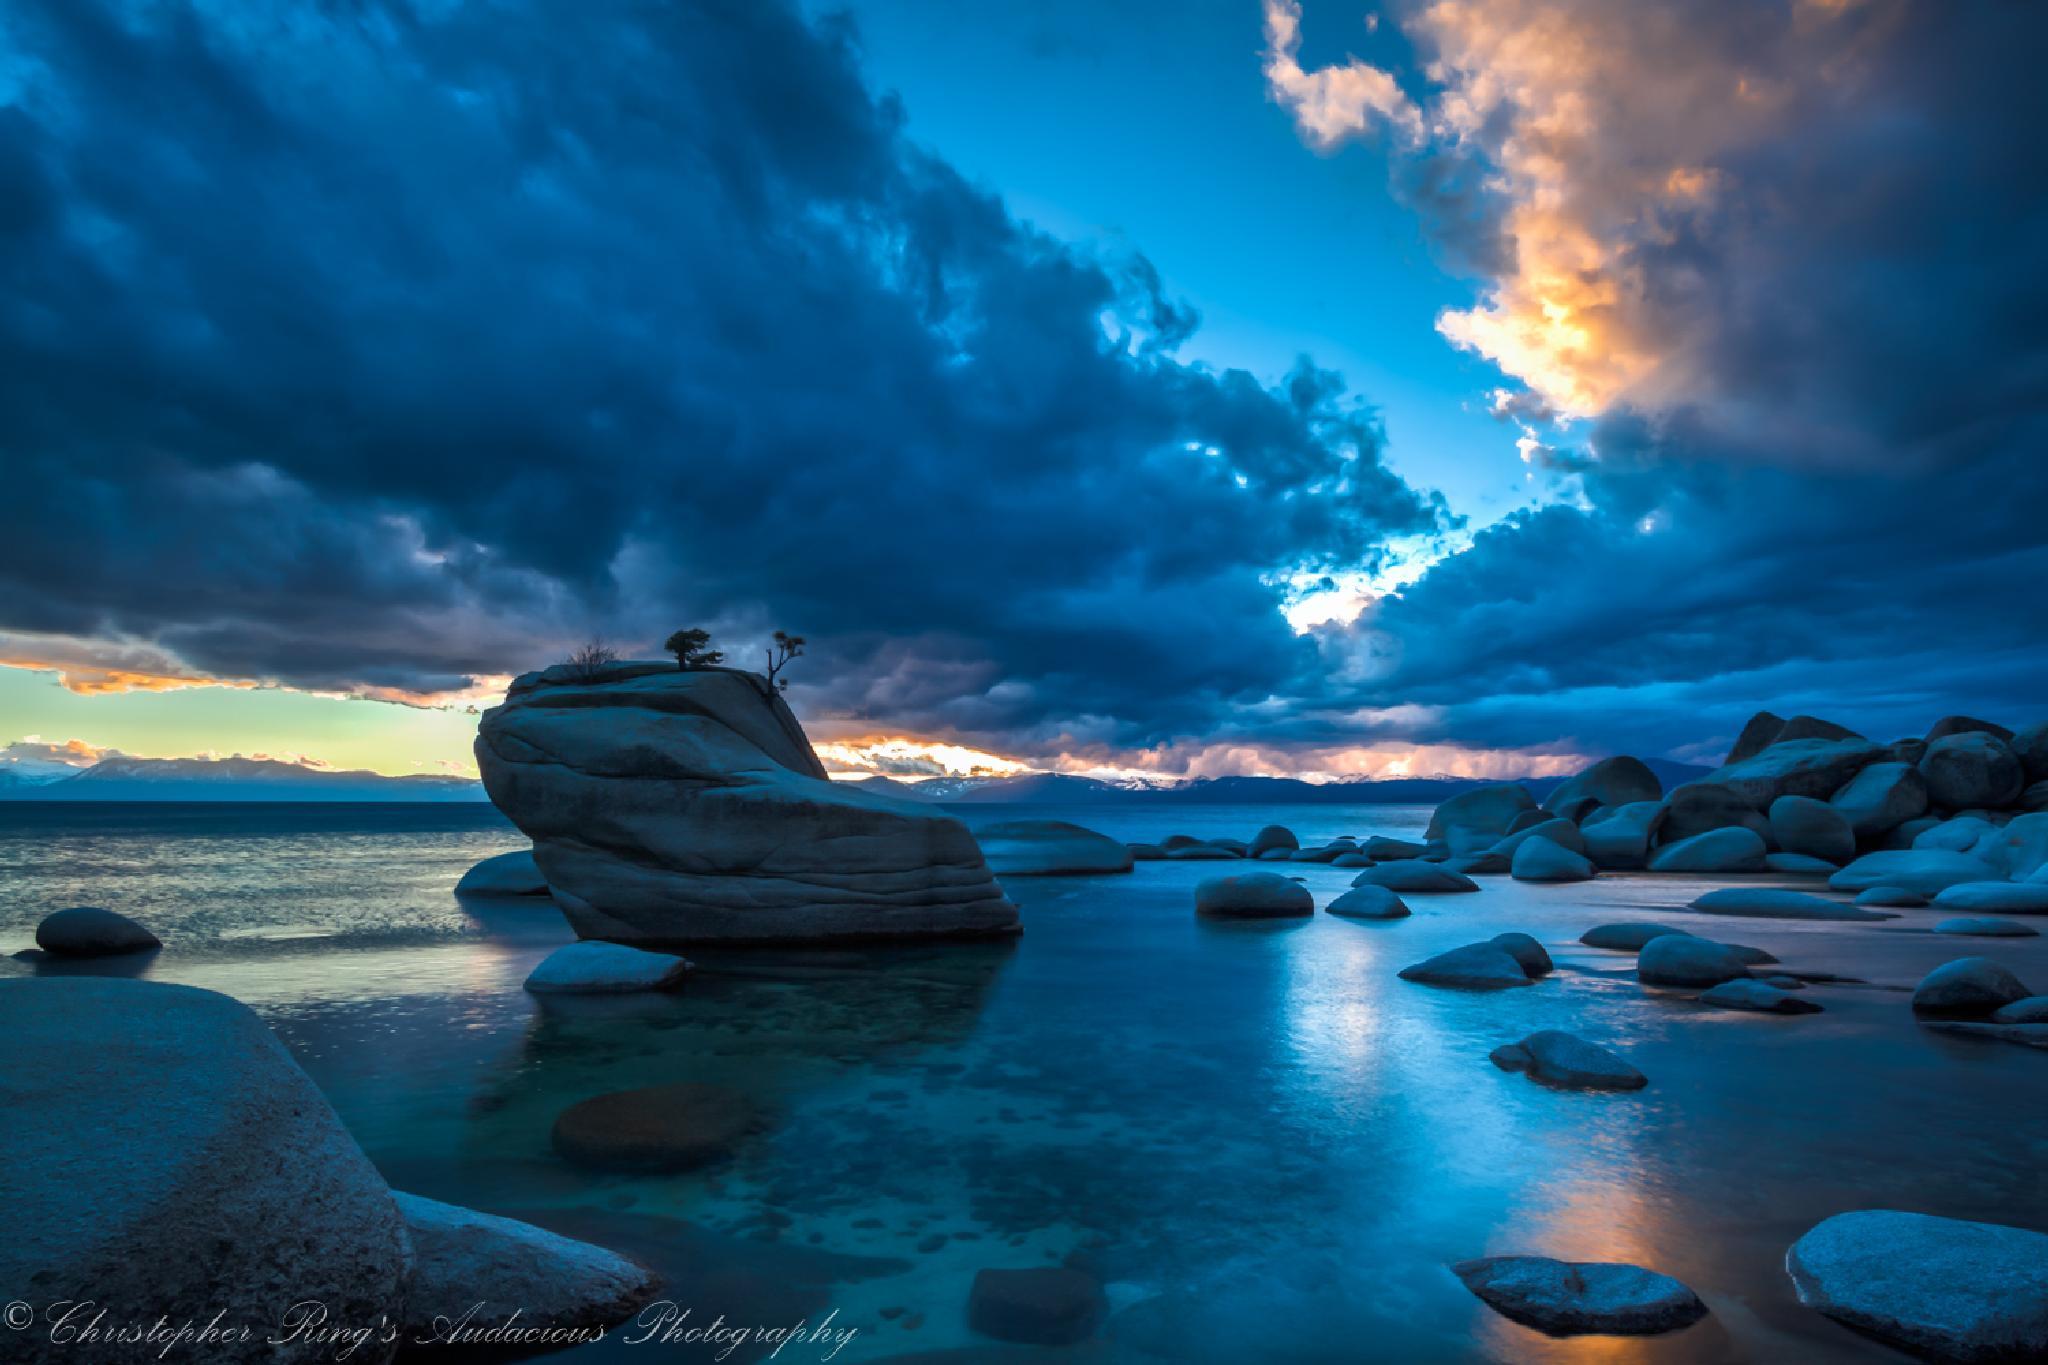 Lake Tahoe, Bonsai Rock by clring2004